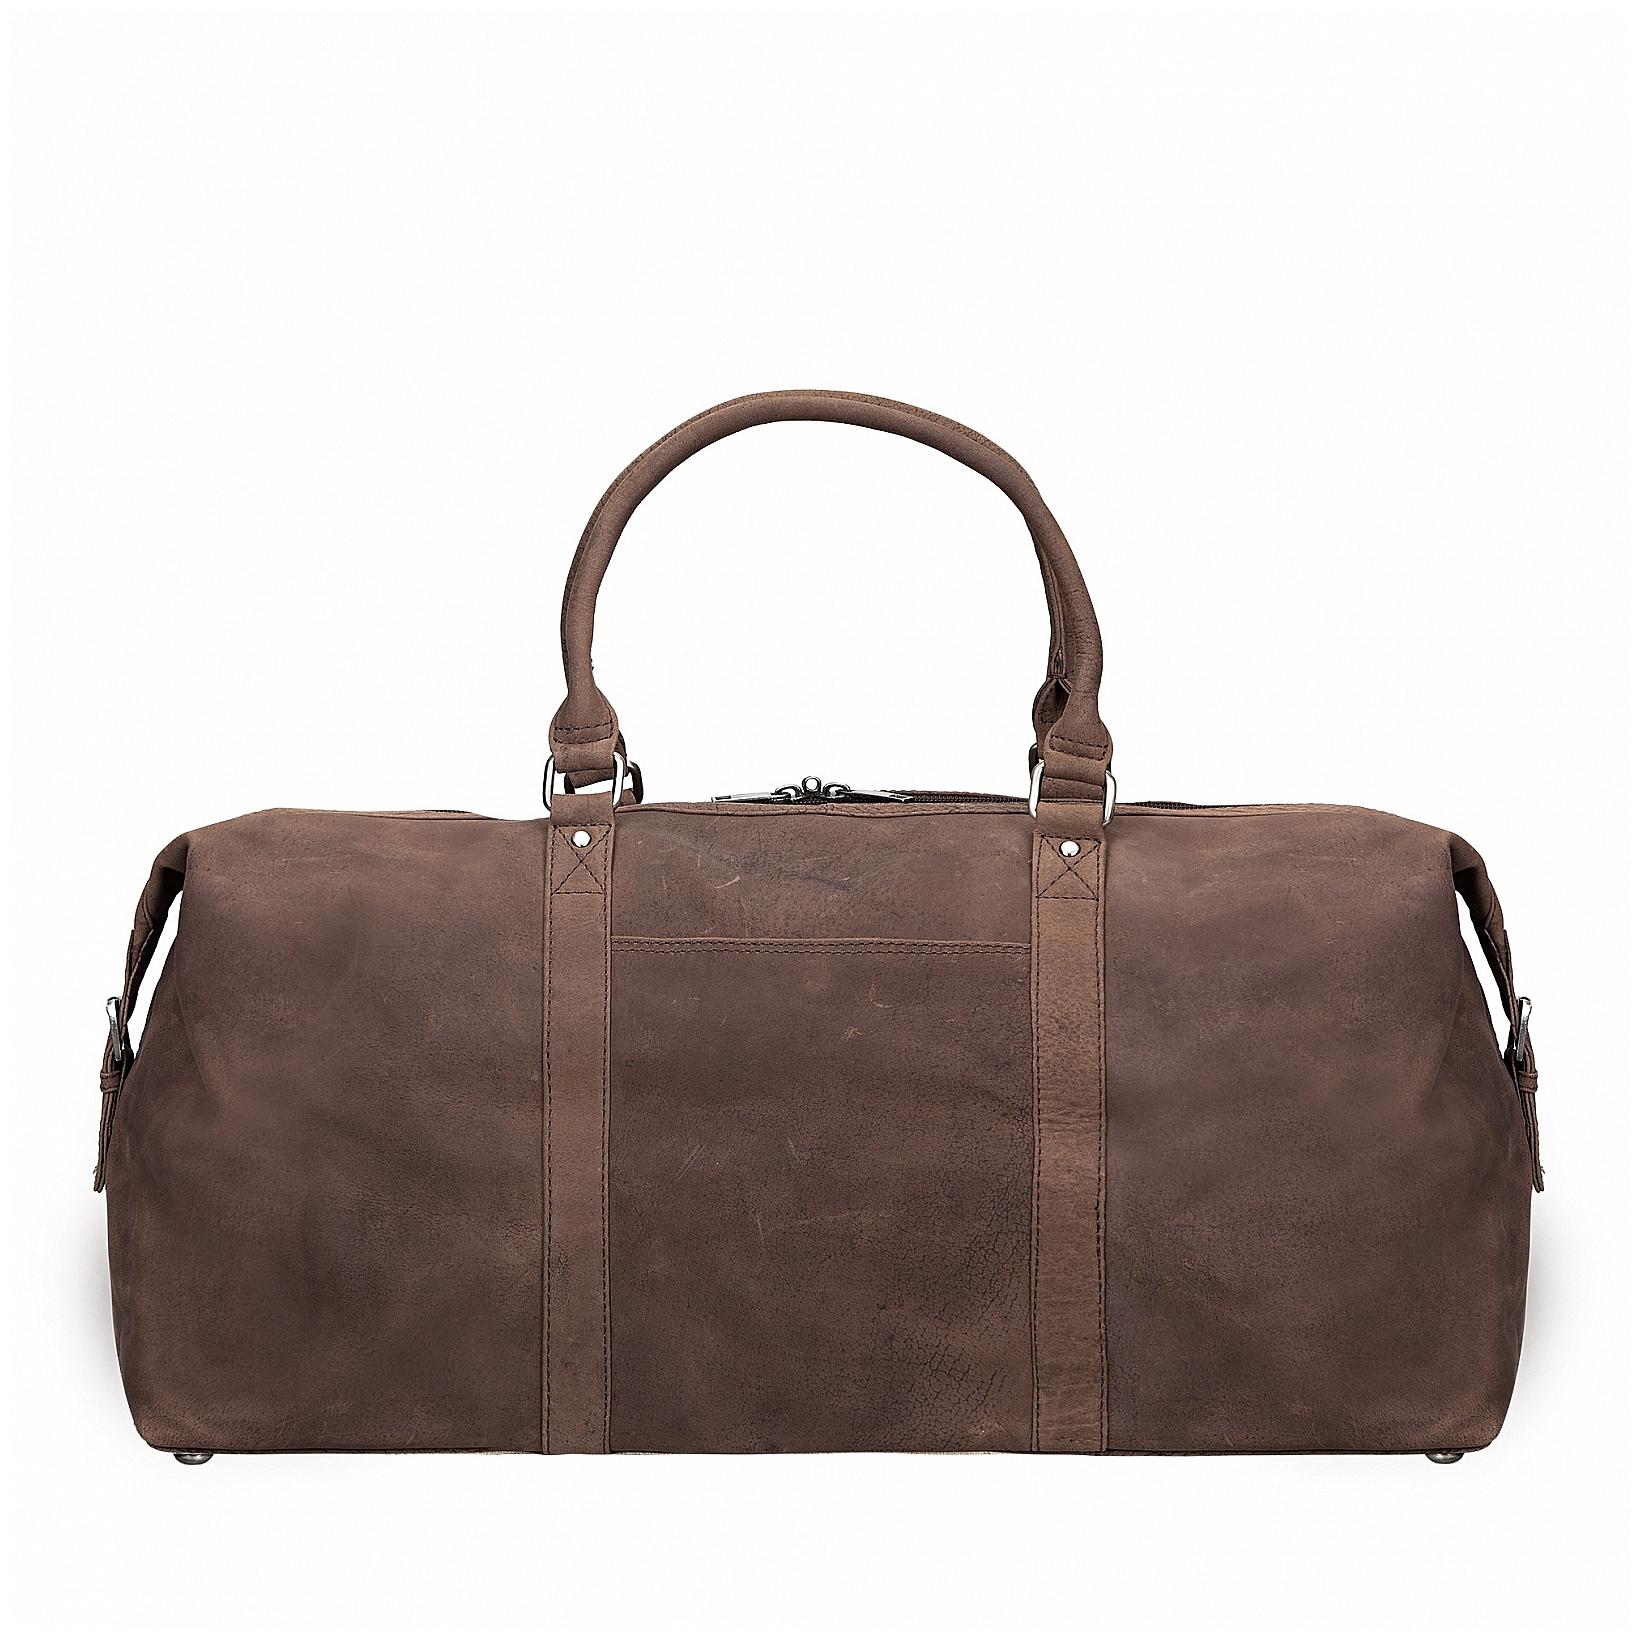 ESTELLE Cestovní taška z buvolí kůže 1278-86 hnědá